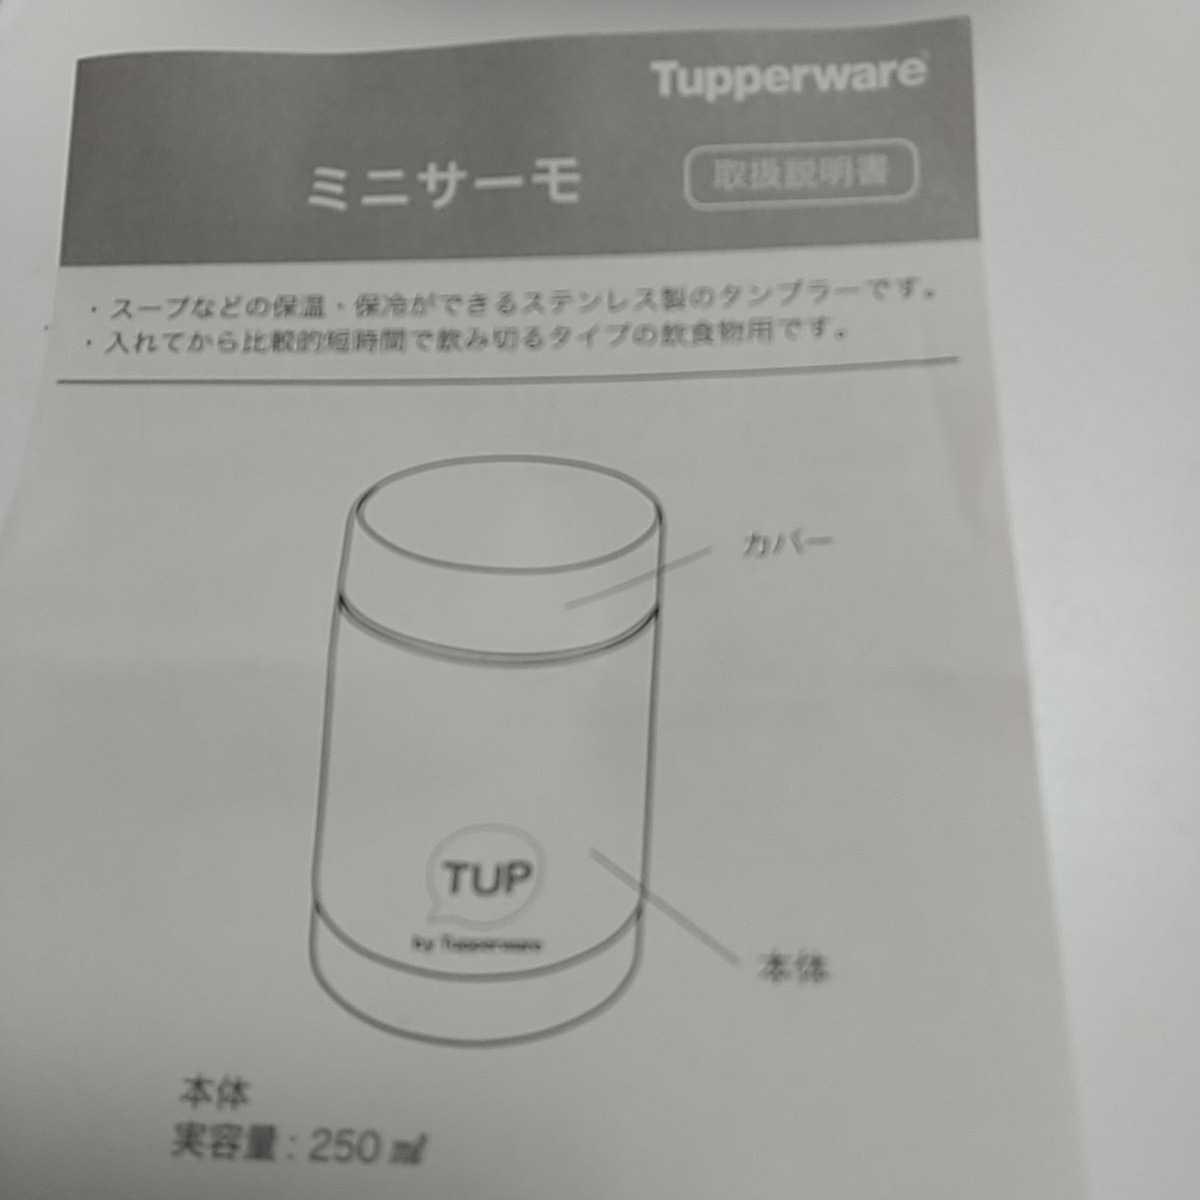 スープジャー ミニサーモ タッパーウェア ステンレス製 ボトル タンブラー 250ml ピンク_画像3